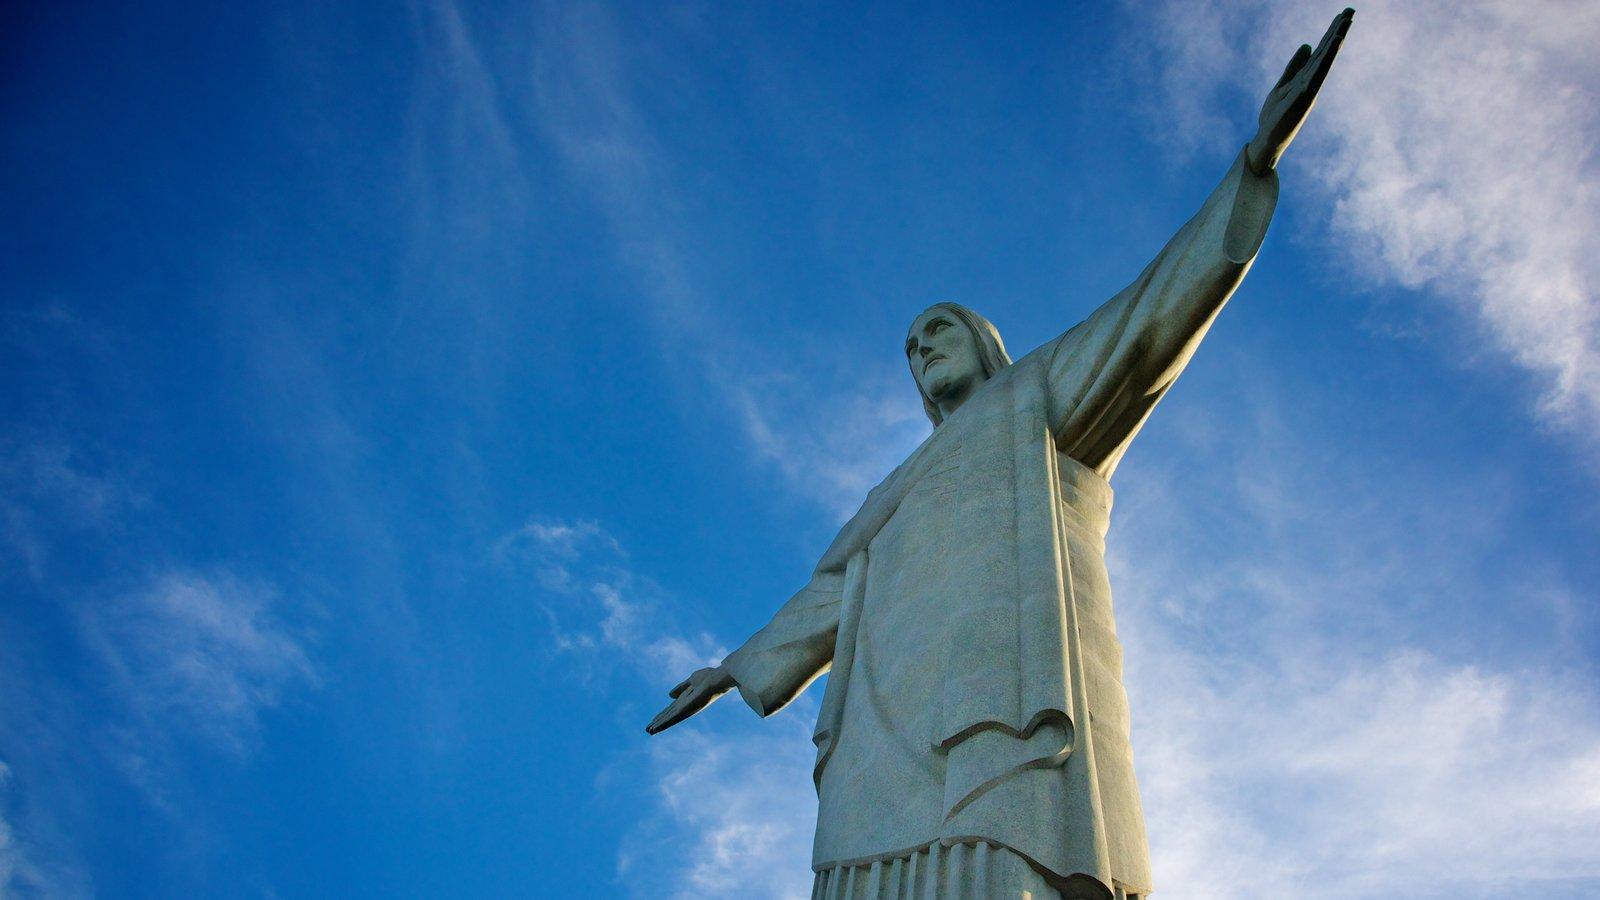 Rio de Janeiro mostrando uma estátua ou escultura e um monumento